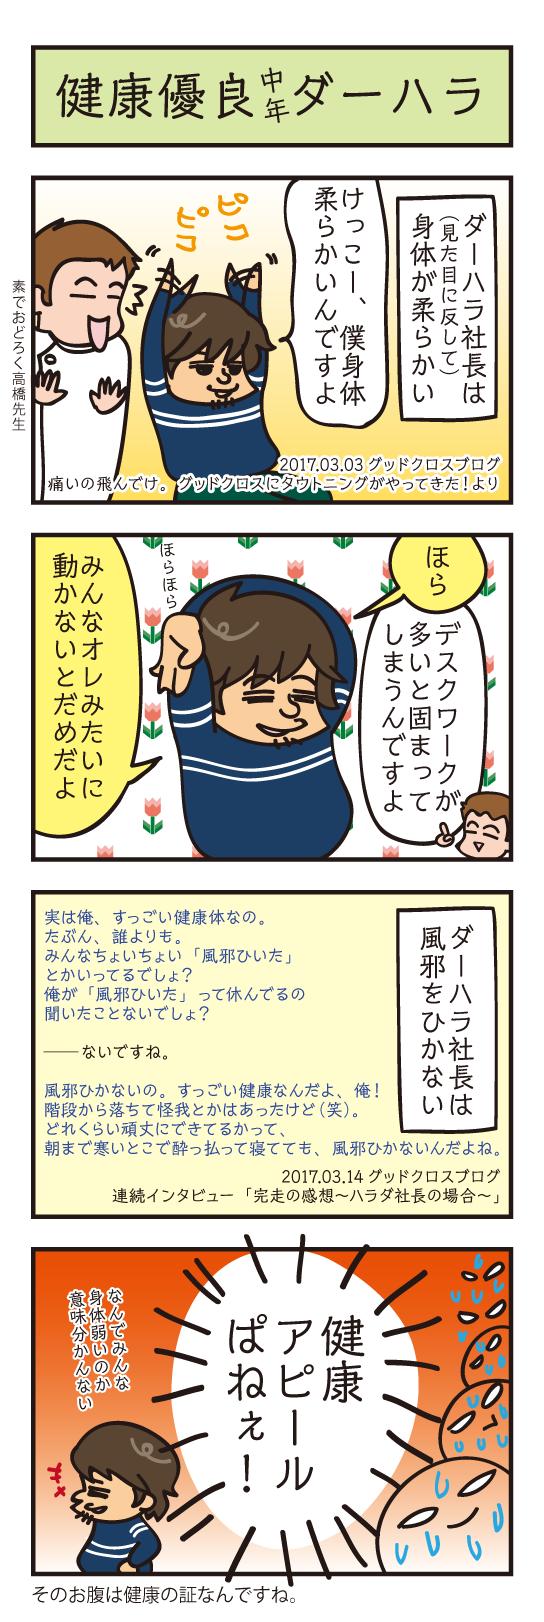 002-gc4koma2